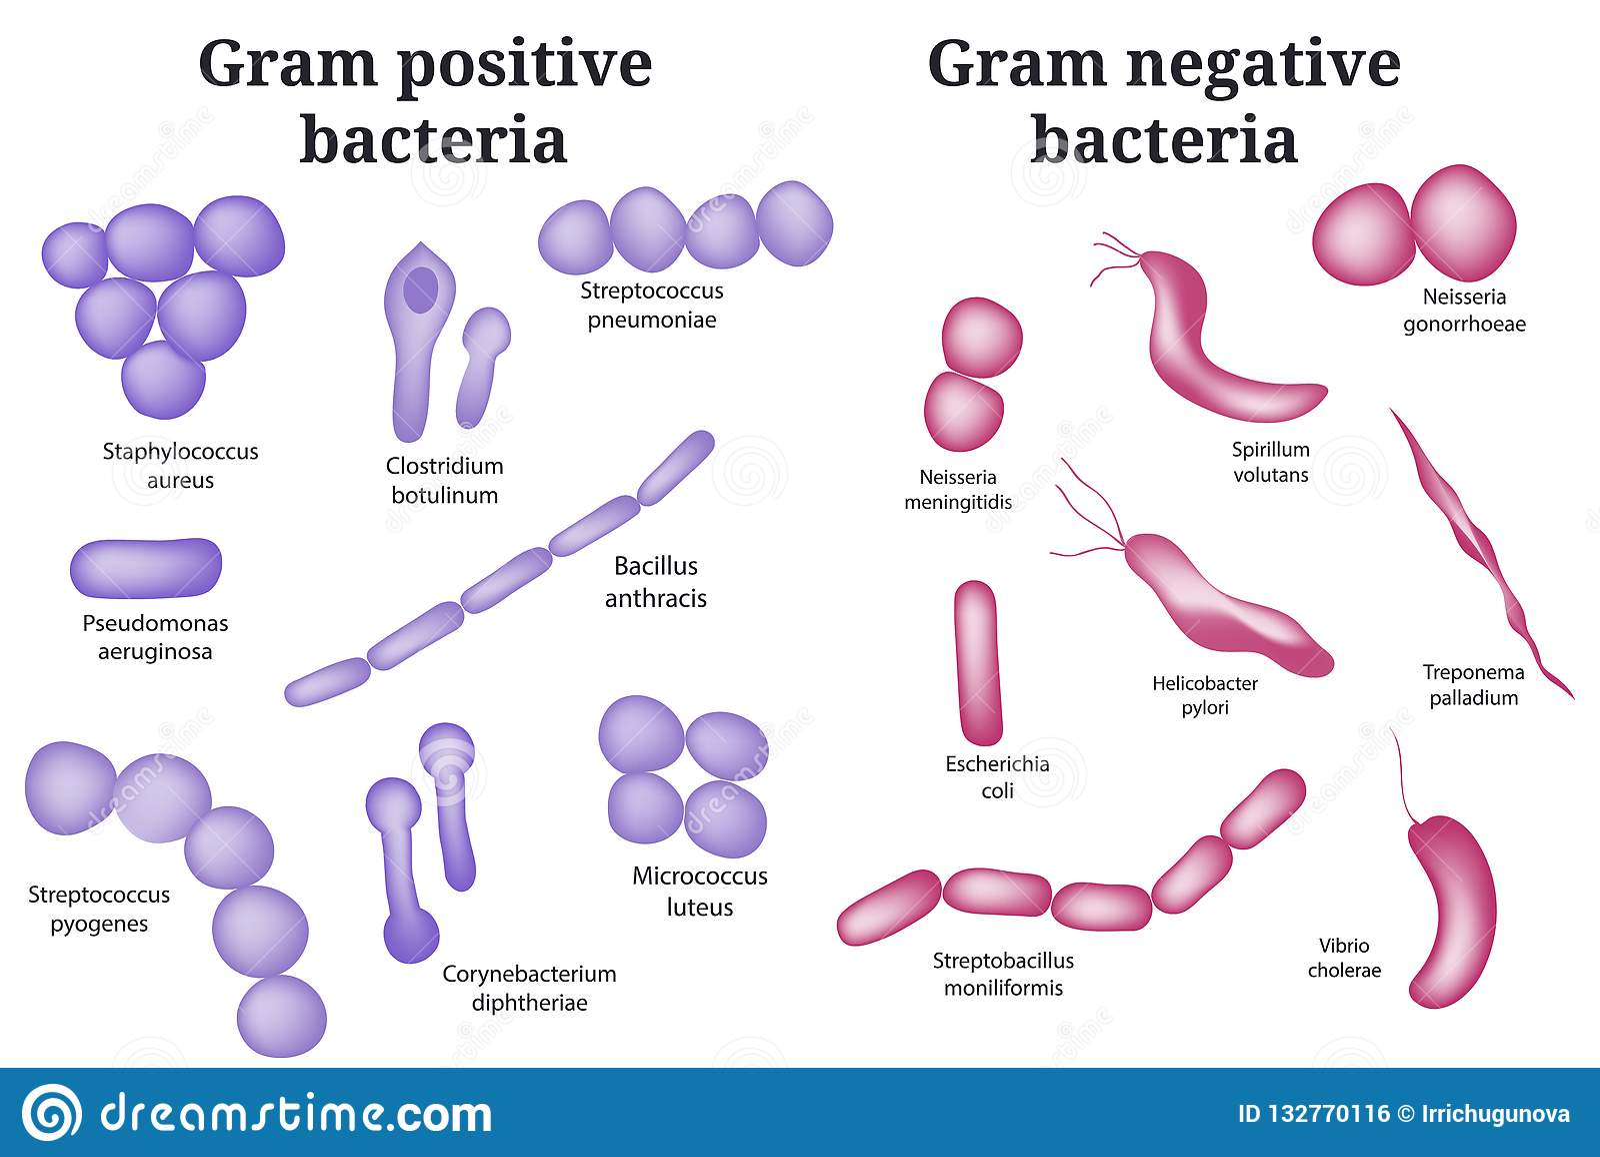 bacterias gram positivas y negativas